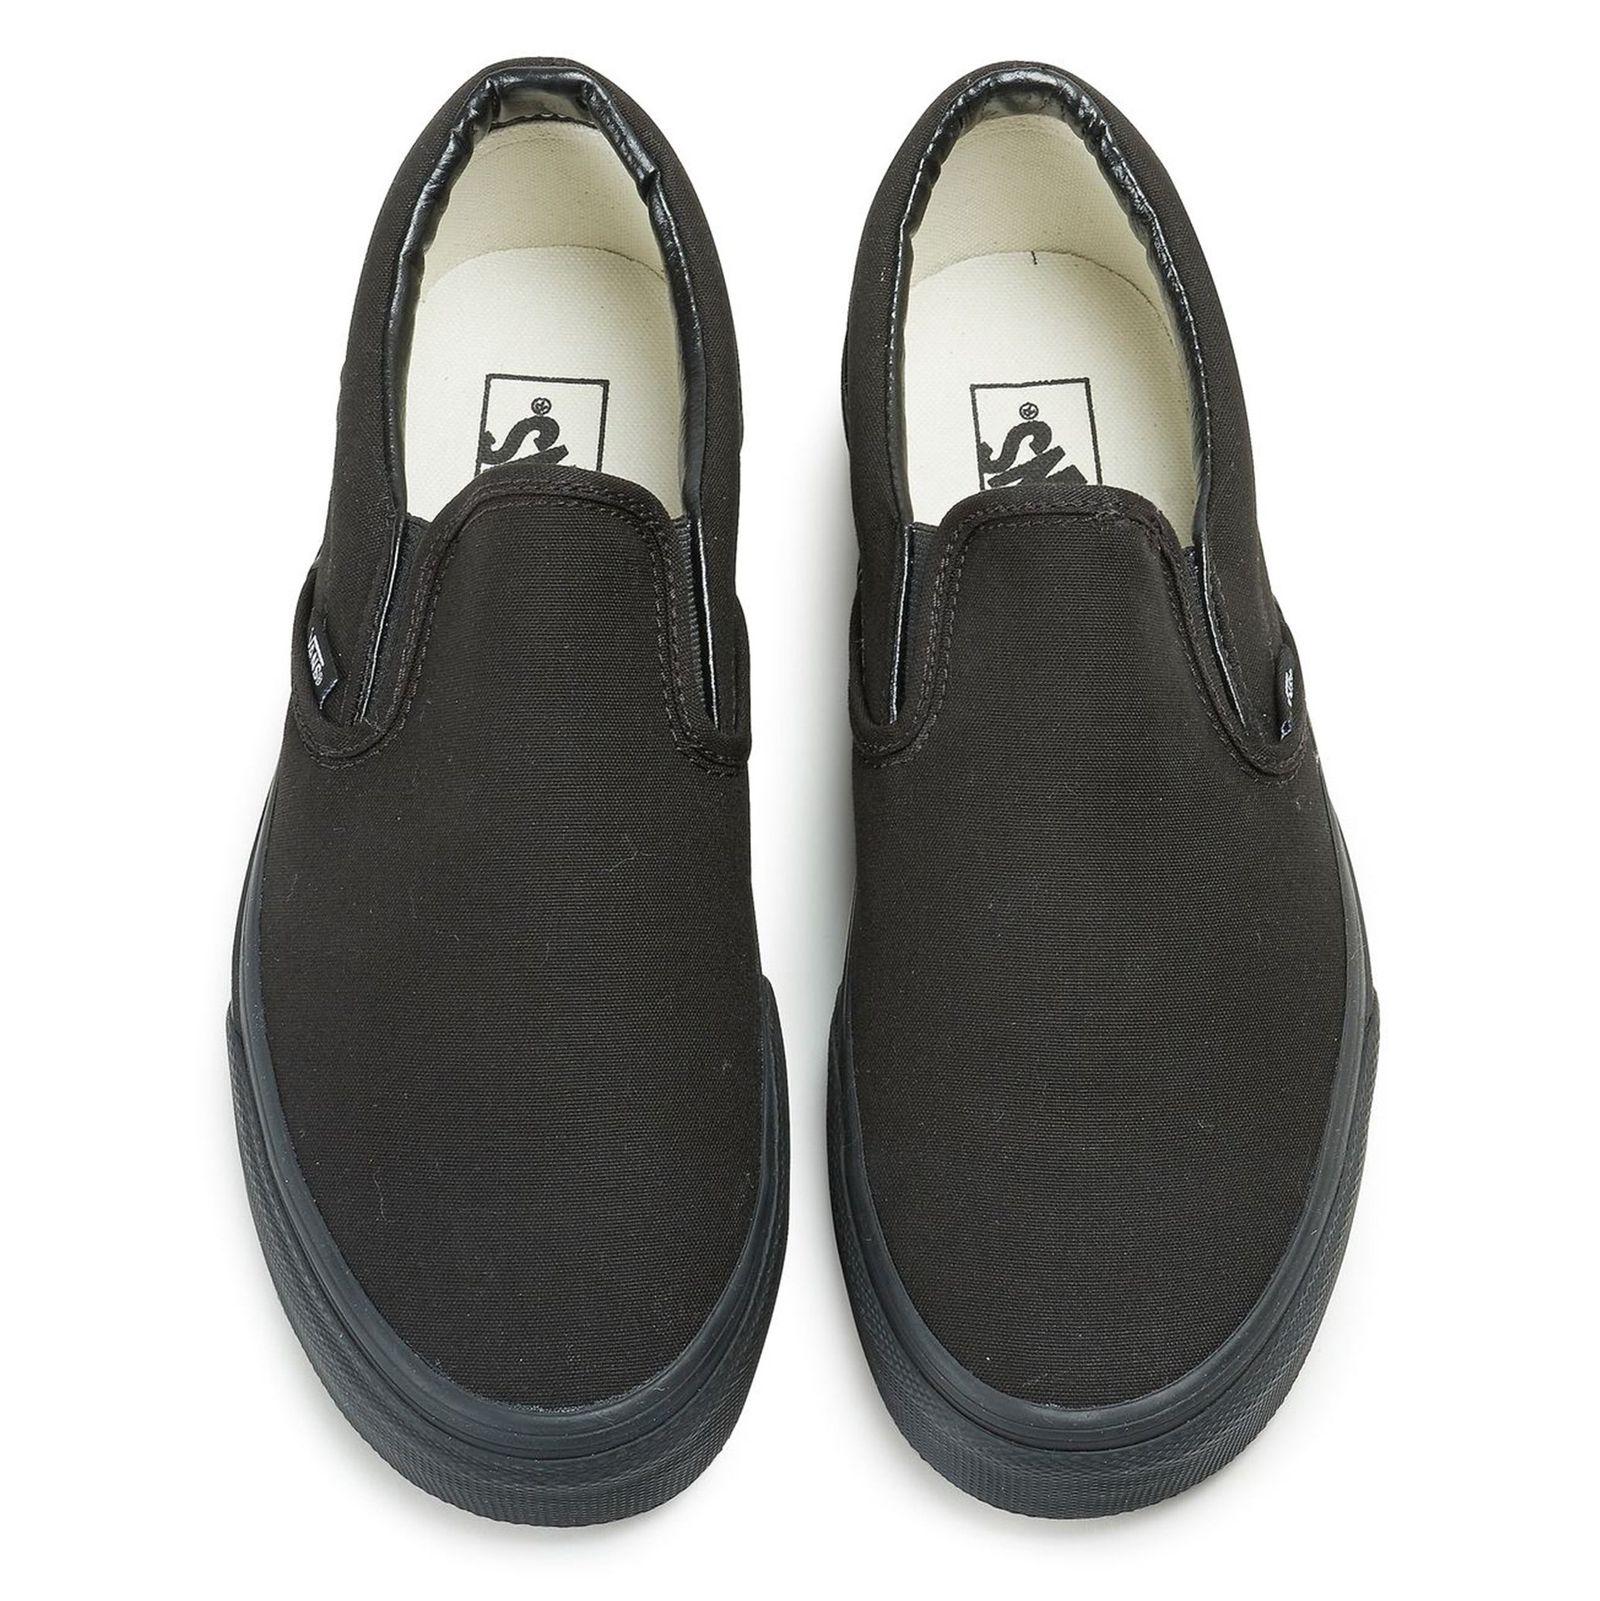 کفش راحتی مردانه Classic Slip On - ونس - مشکي  - 3